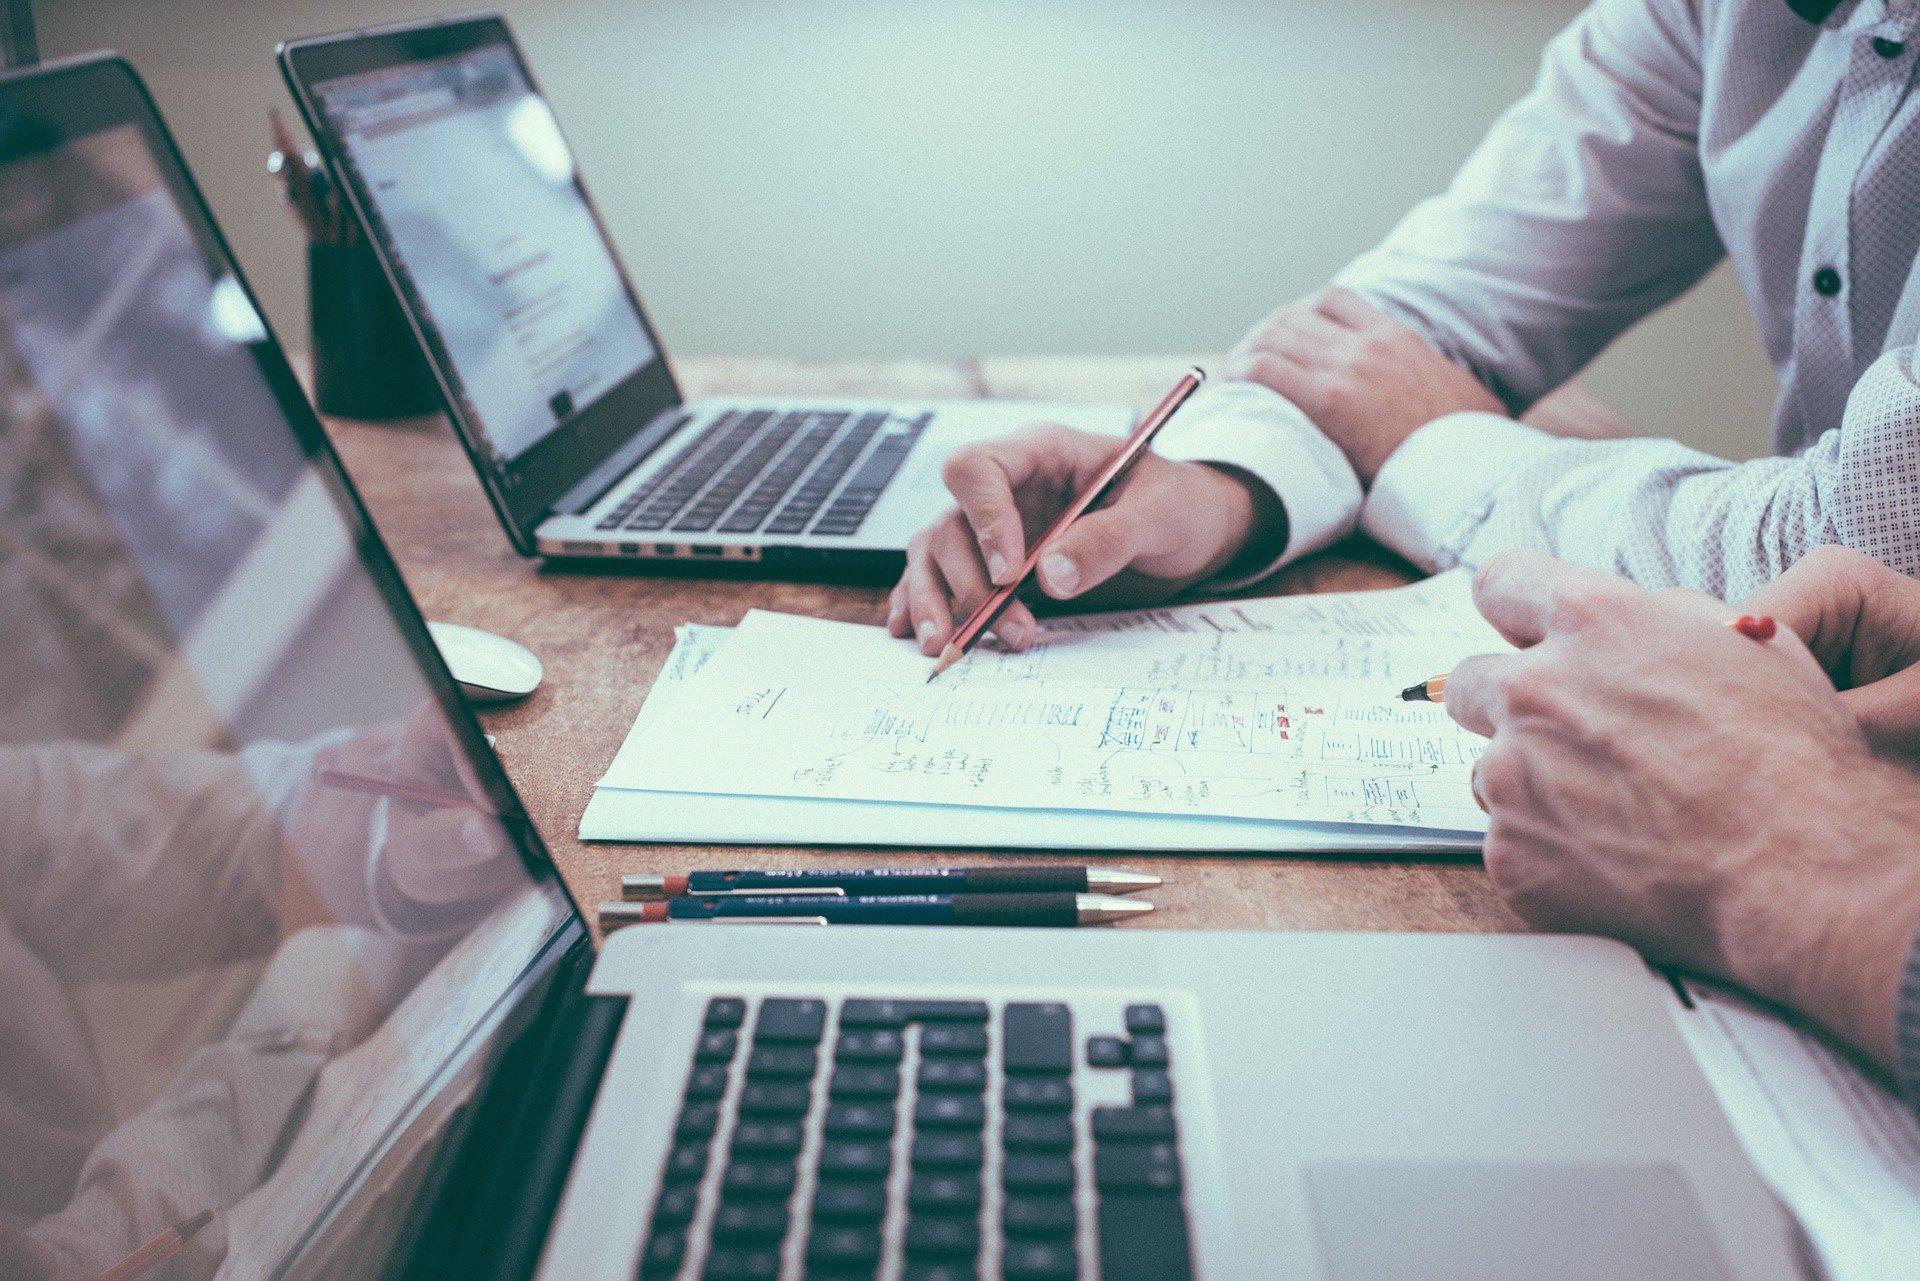 Ліцензії в публічних закупівлях: для чого вимагати і що на підтвердження подавати учасникам?